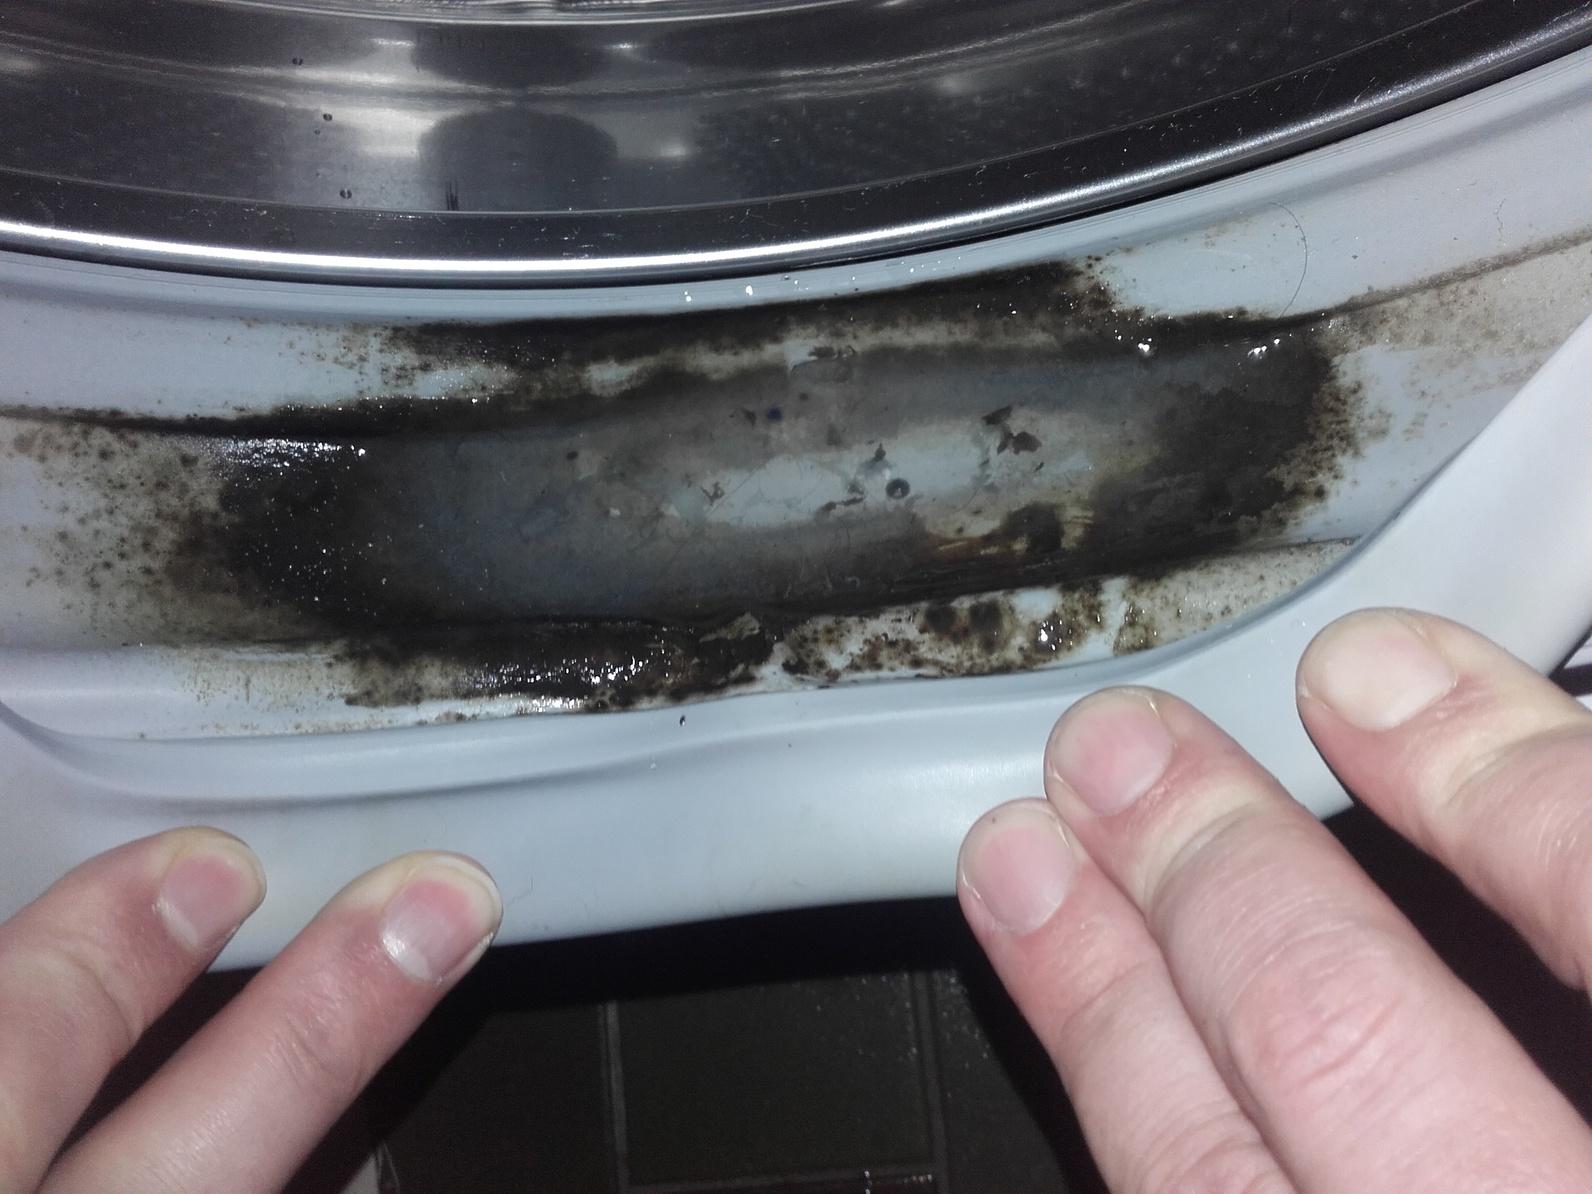 Favorit Neue Waschmaschine stinkt – was tun? QG95